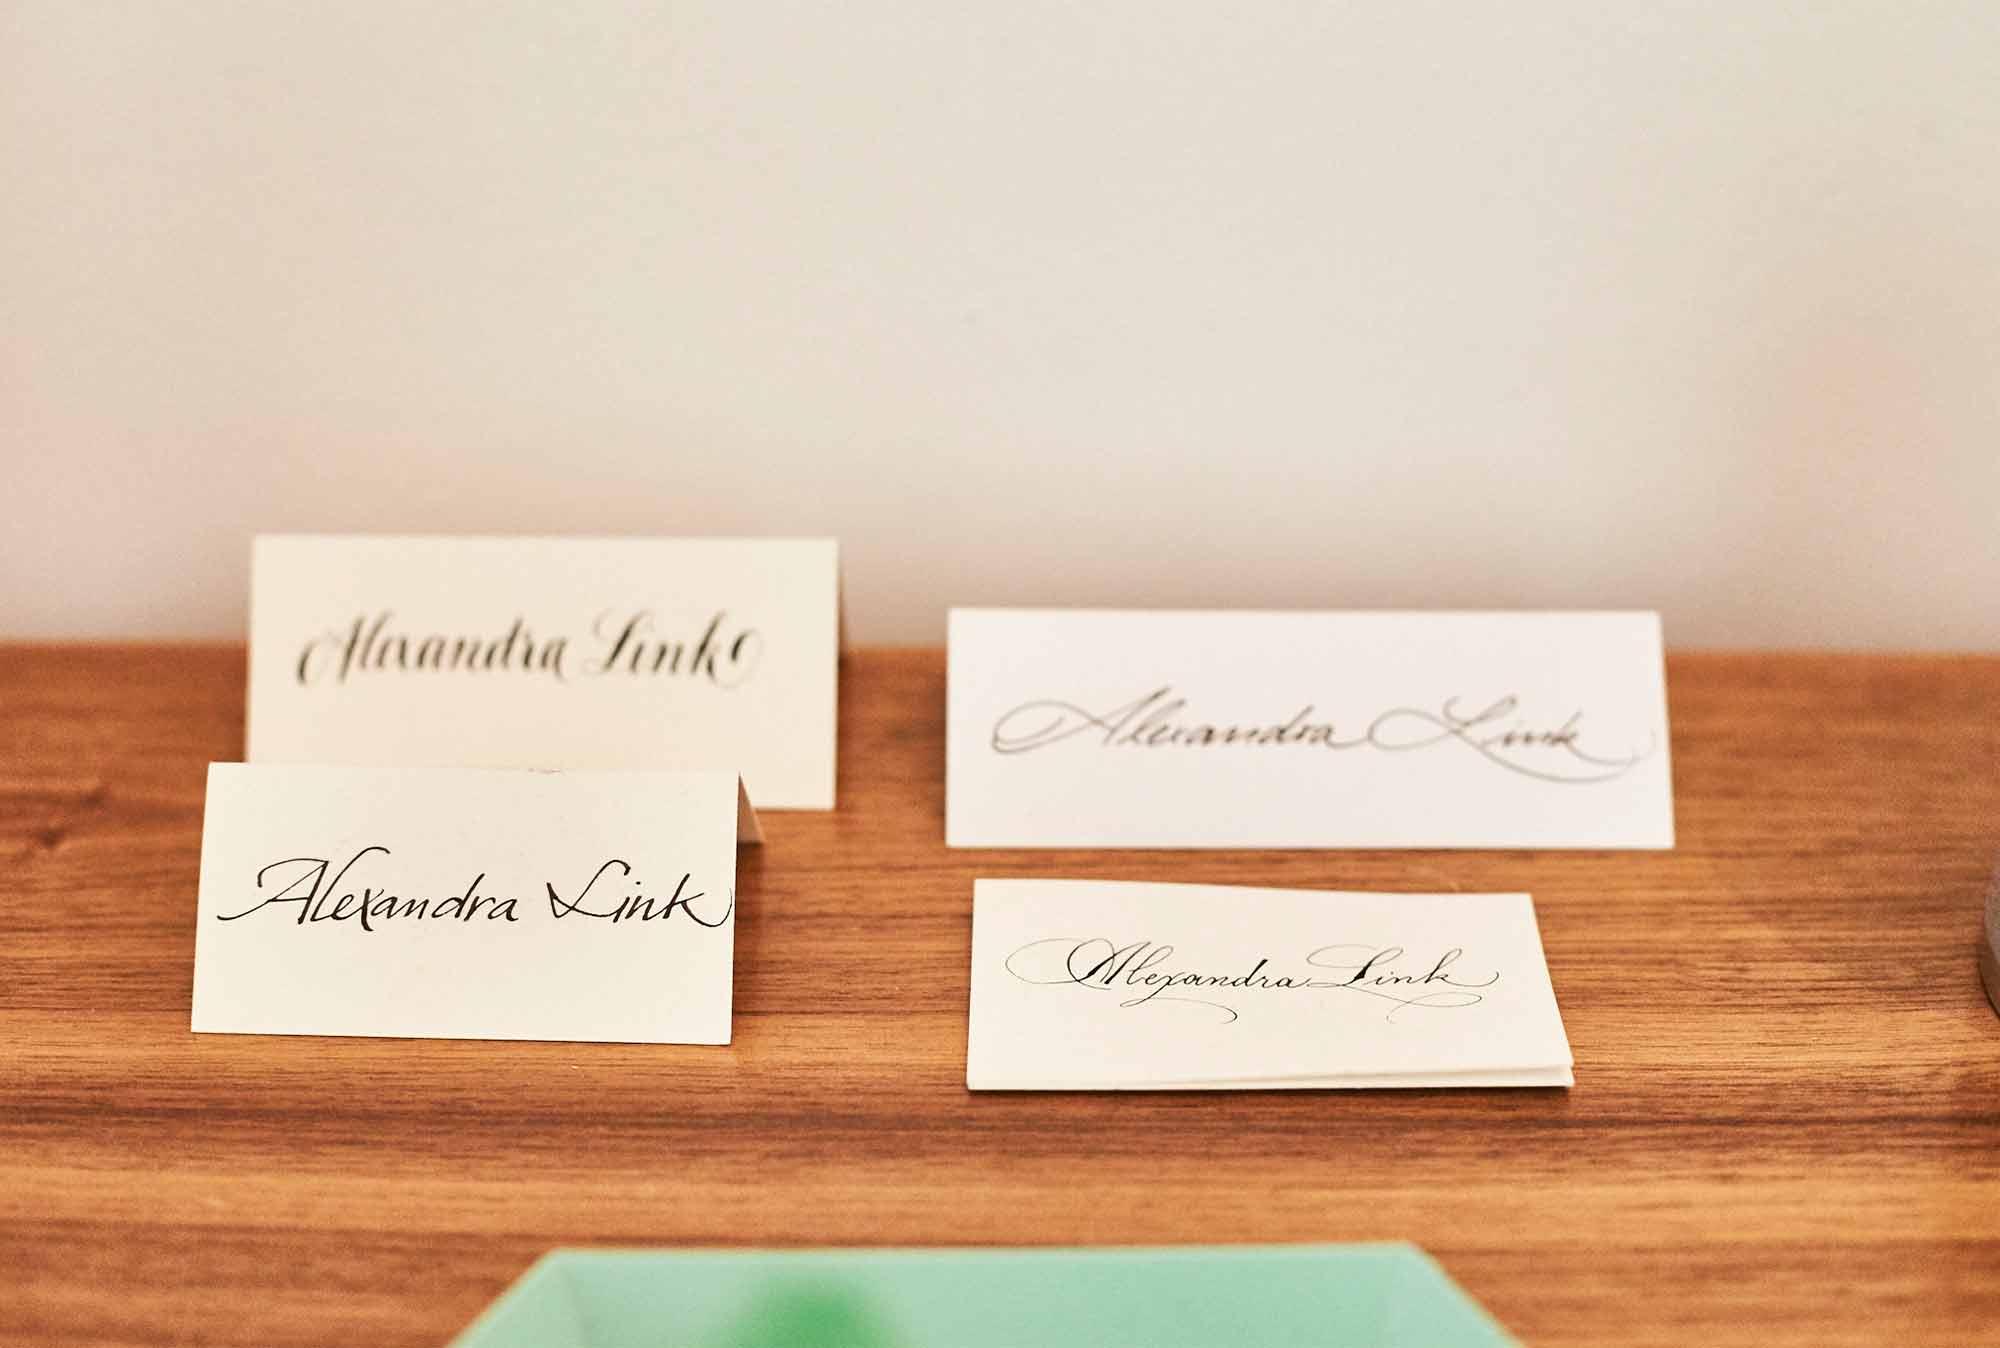 Von ihren Terminen hat Alexandra zahlreiche Tischkärtchen mit hübschem Handlettering mitgebracht.